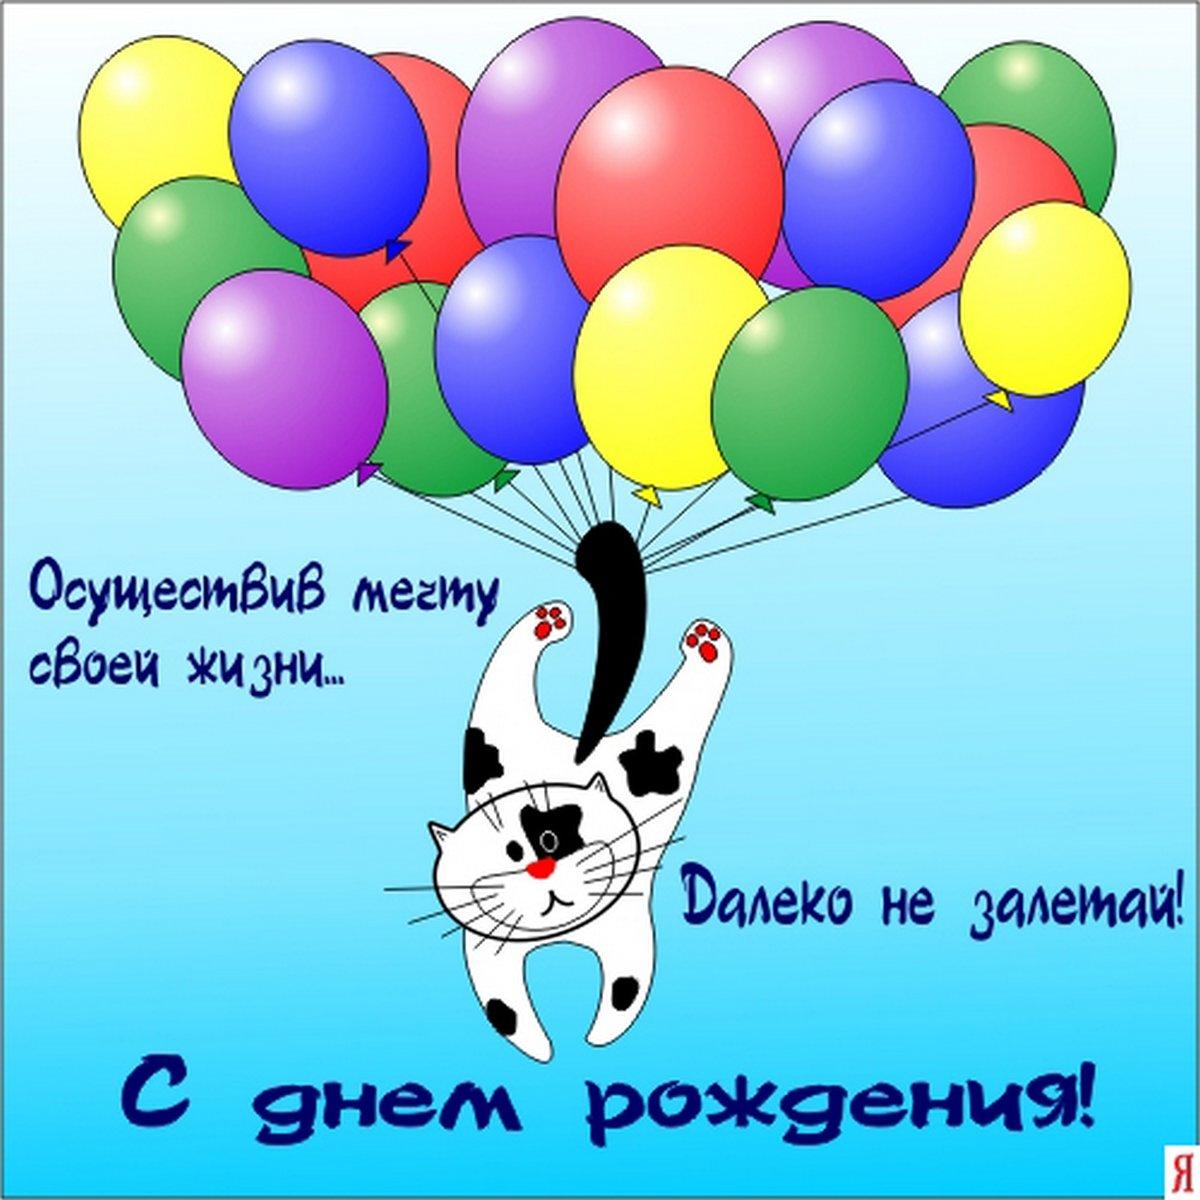 Оригинальная открытка с днем рождения коллеге